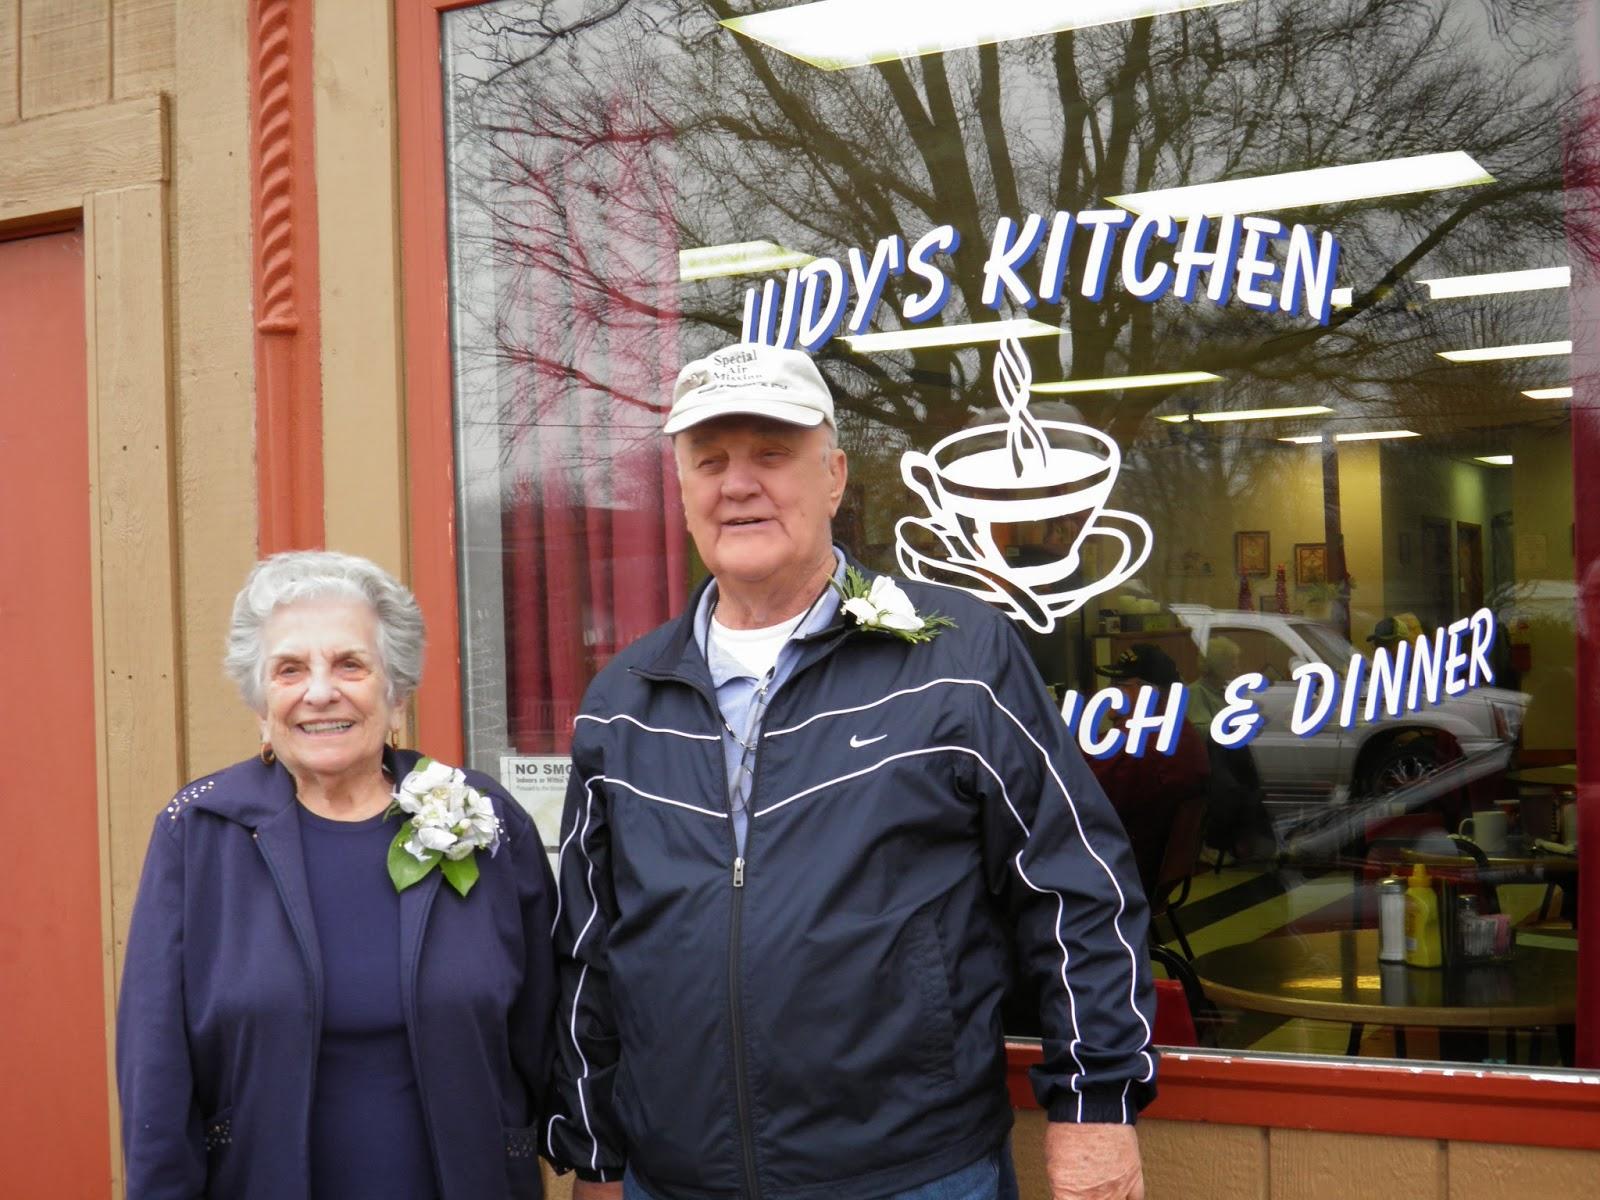 Judy S Kitchen In Cerro Gordo